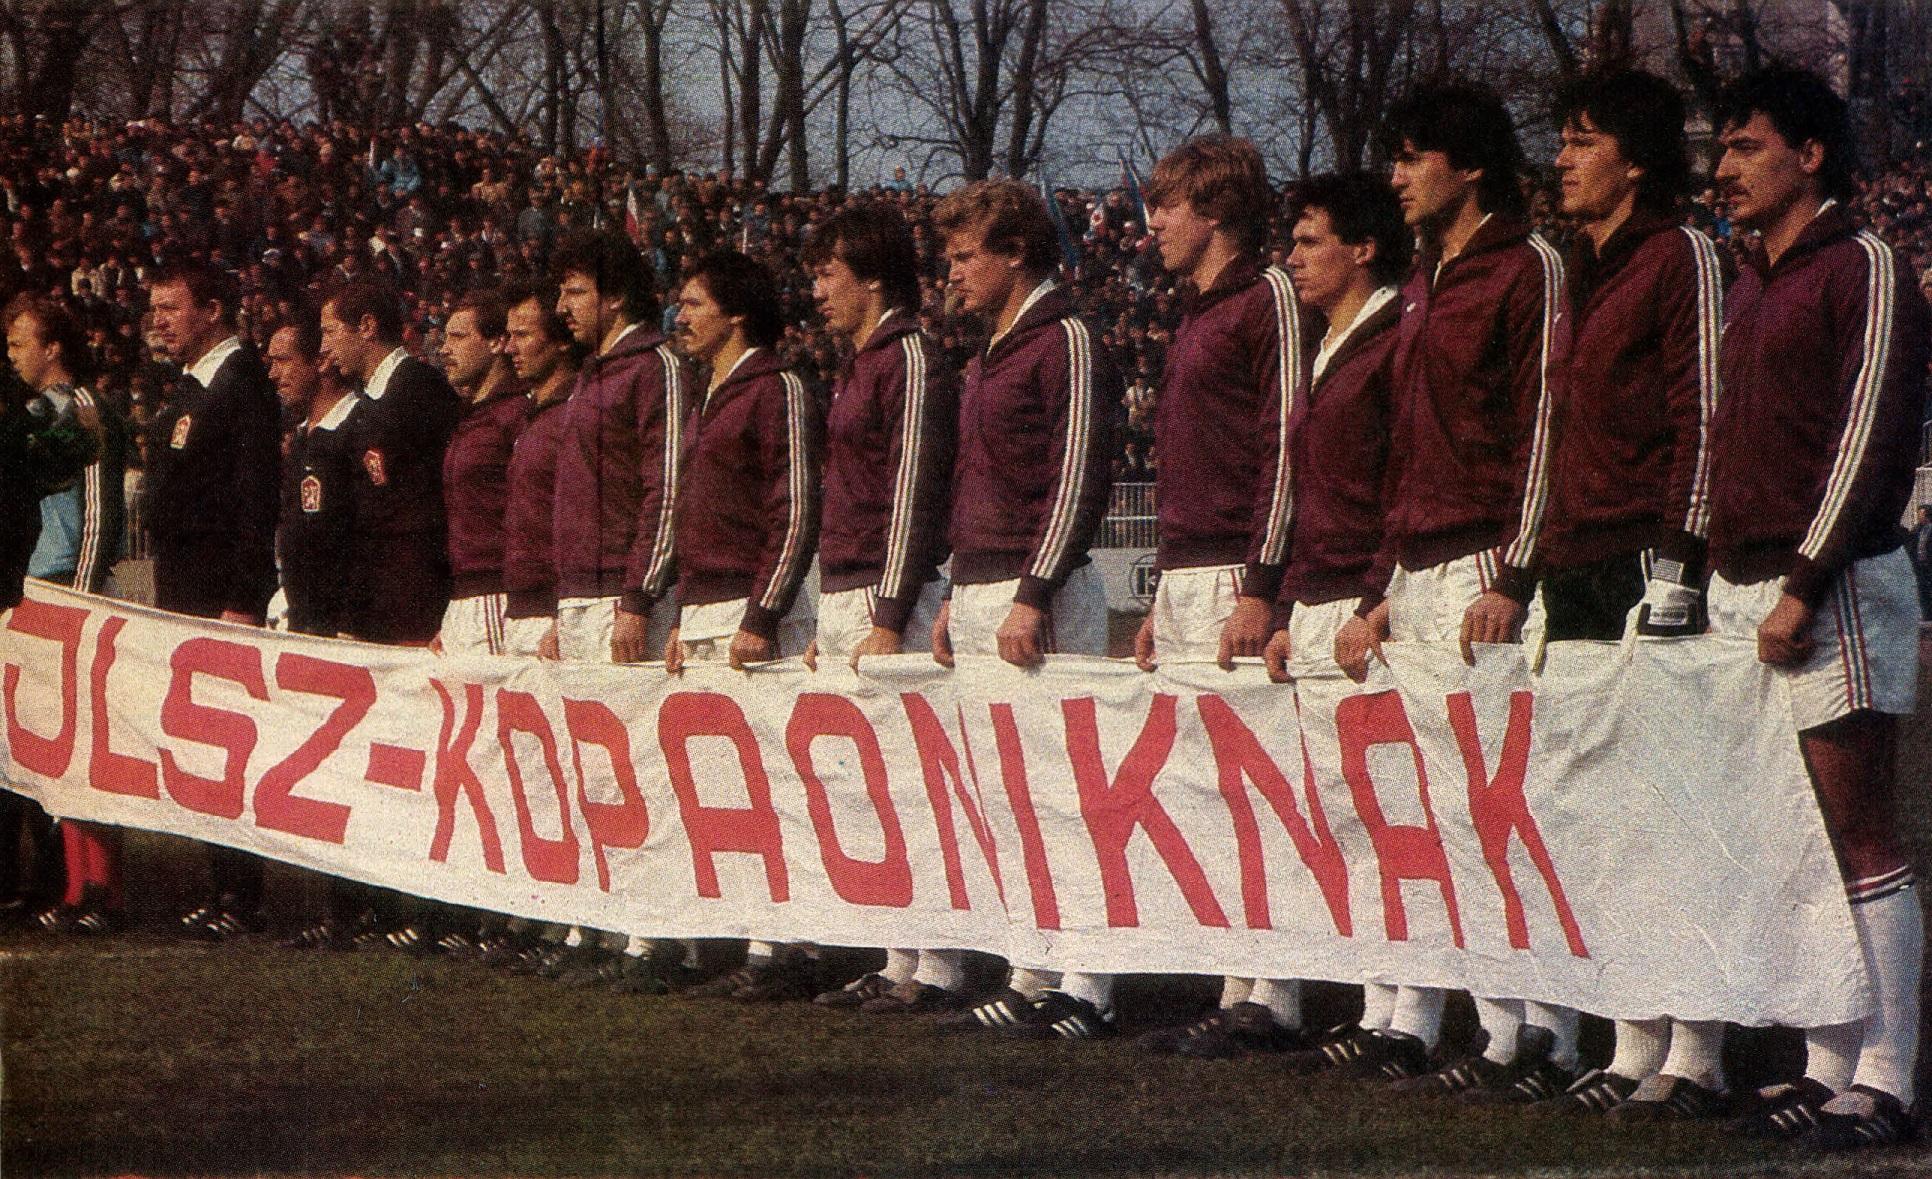 idokapszula_nb_i_1983_84_jugoszlavia_magyarorszag_merkozes_kezdocsapat.jpg